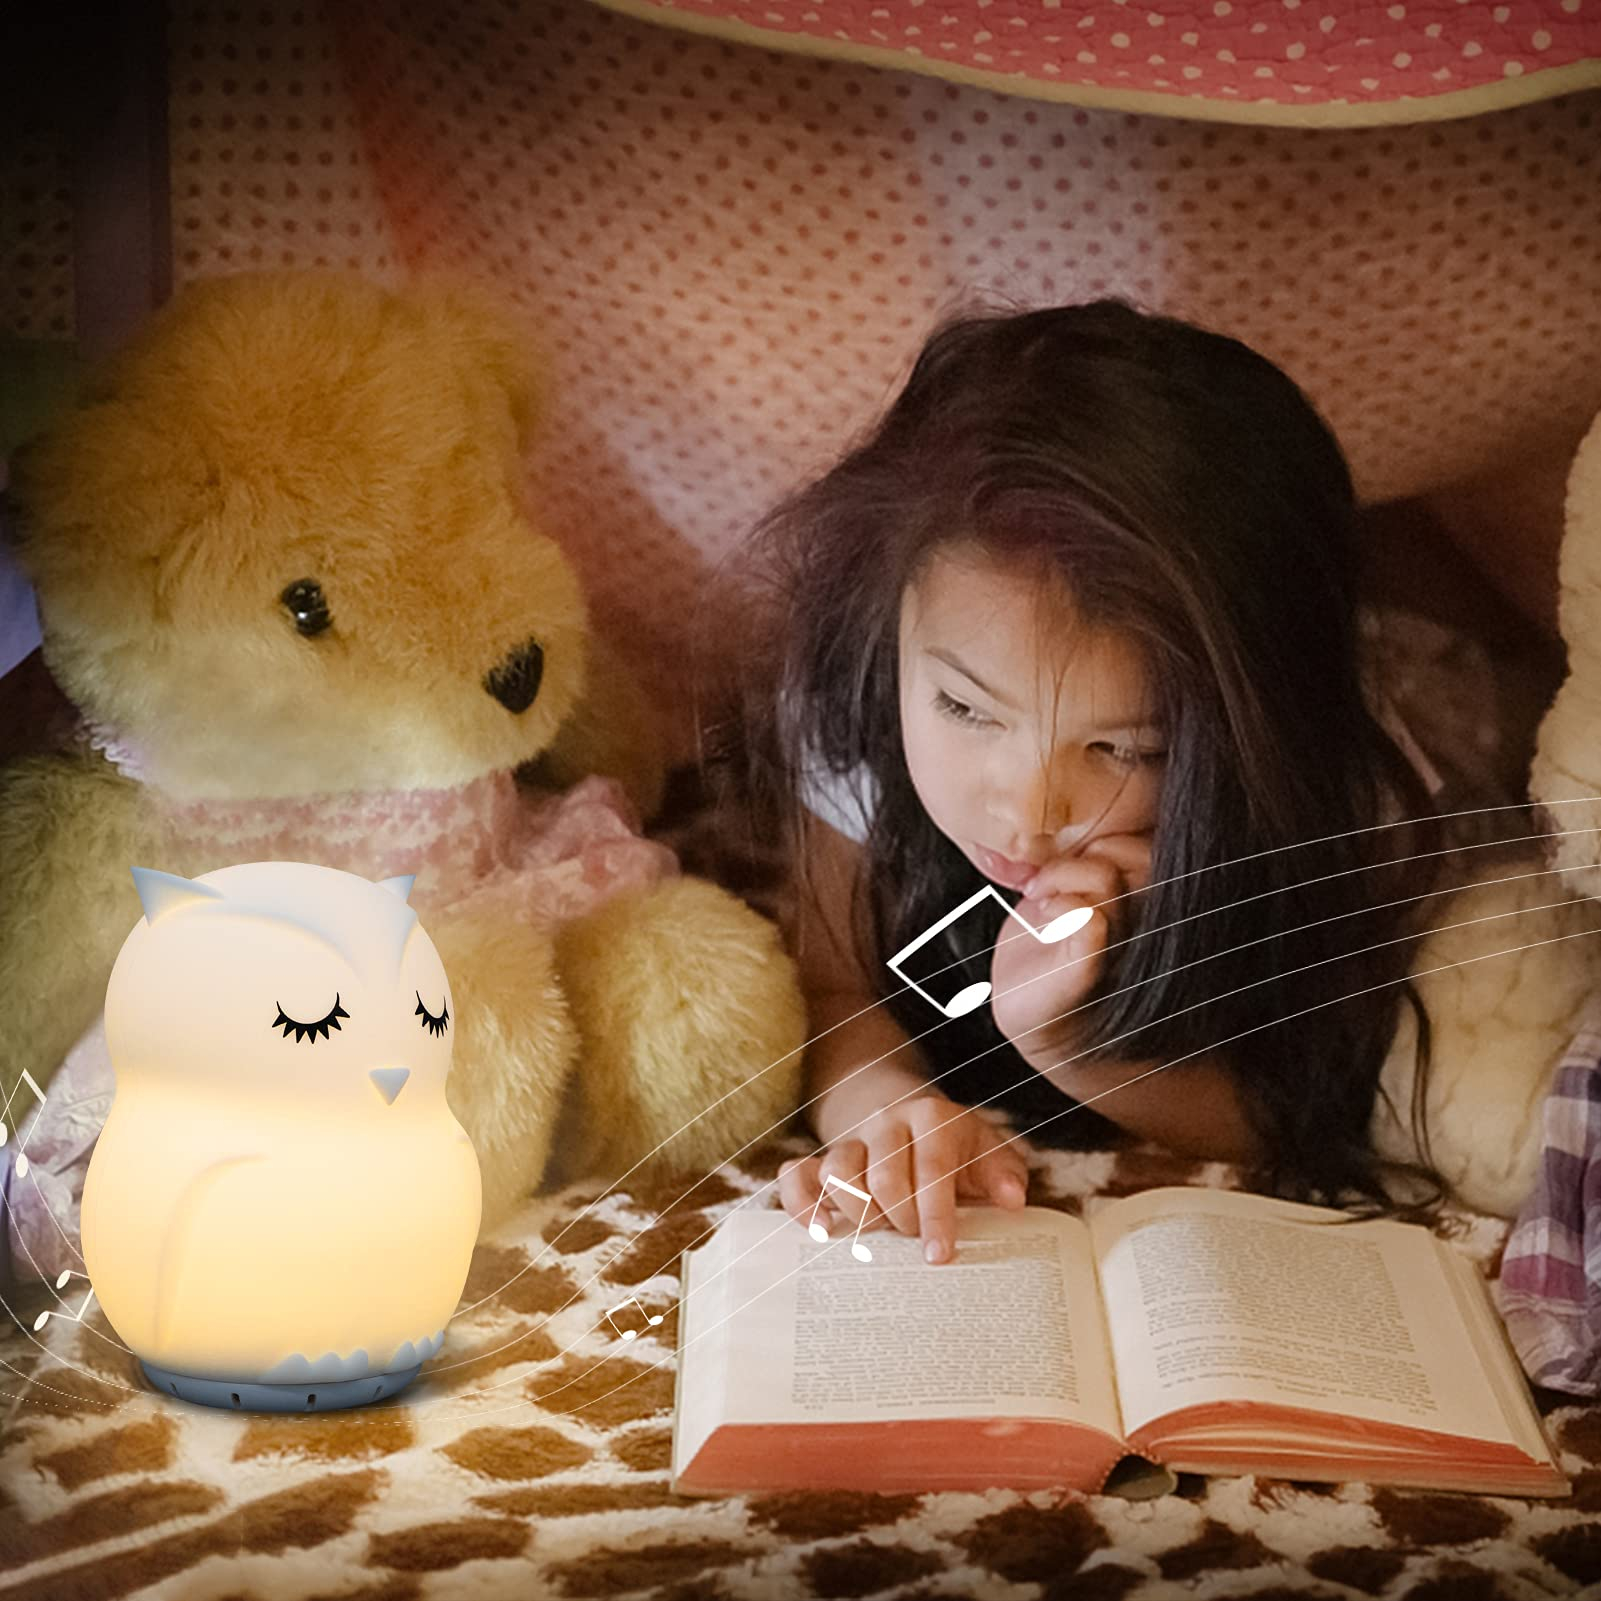 F/ête No/ël Ambiance Romantique Rechargeable Alxcio Veilleuse R/étro Night Light LED Lampe pour Les B/éb/é Enfant D/écorer La Chambre Maison ou Le Bureau Design aux chandelles Table